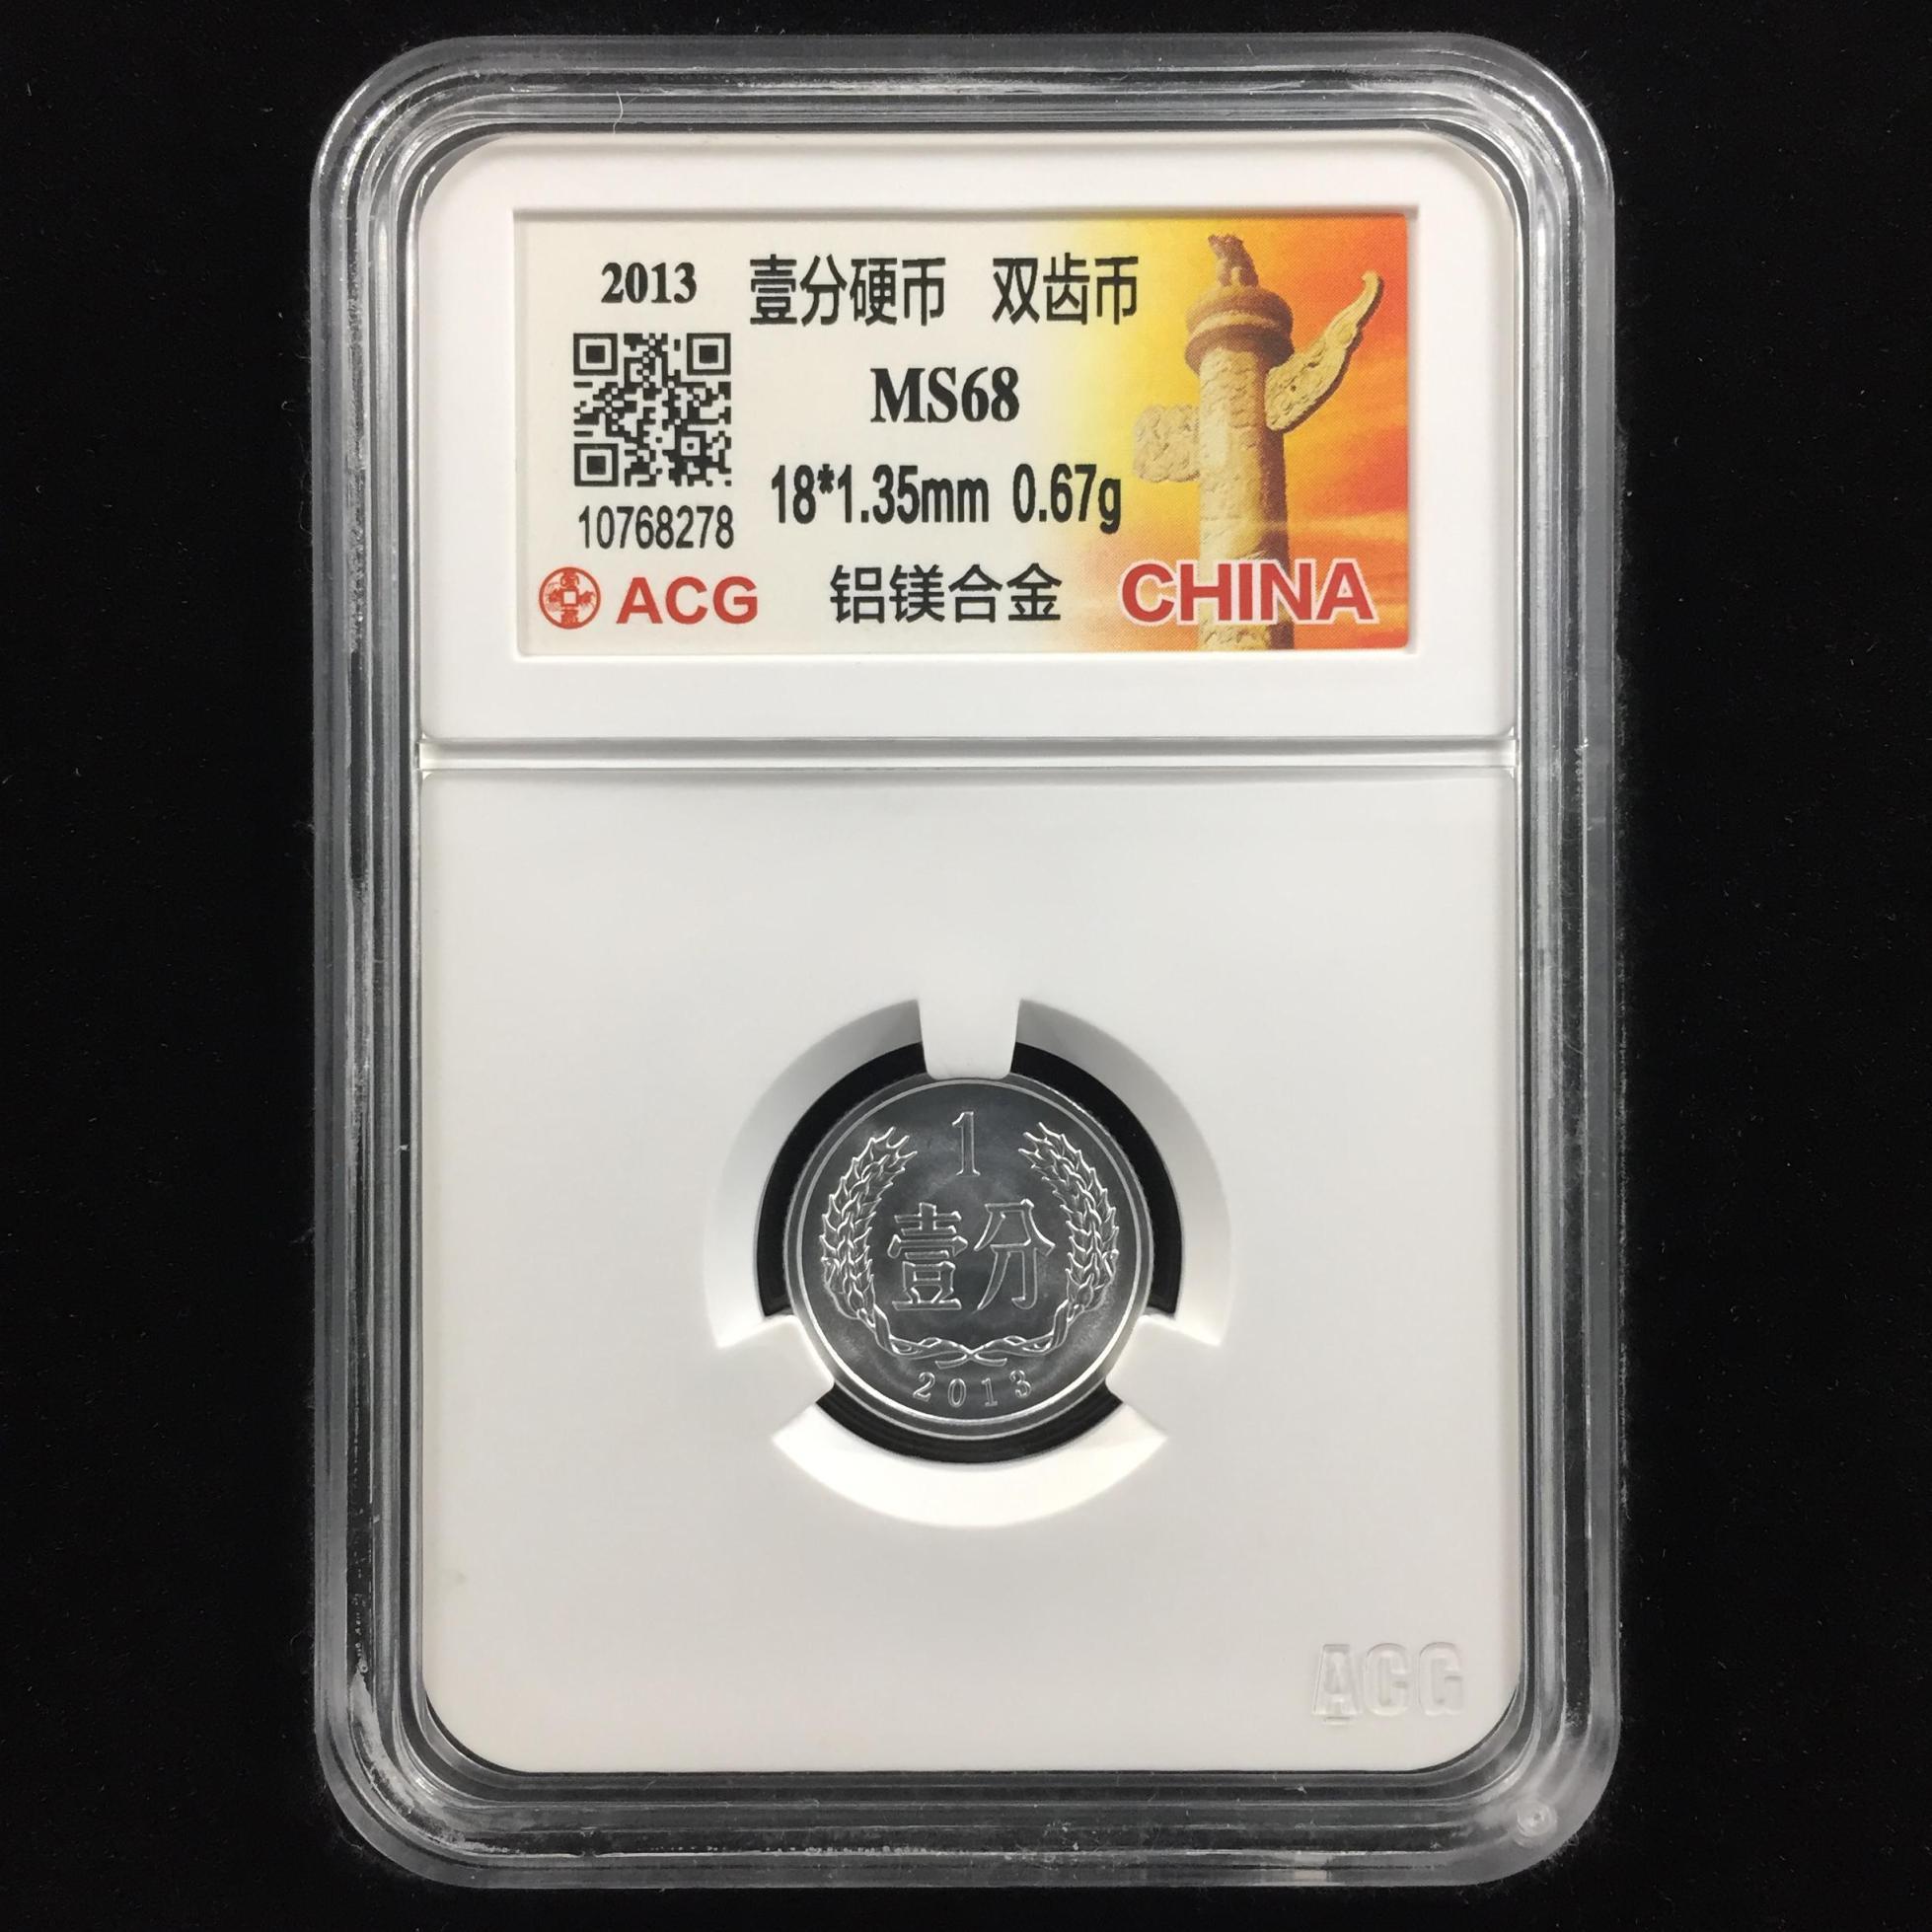 双齿币→2013年1分硬币→ACG鉴定证书-10768278